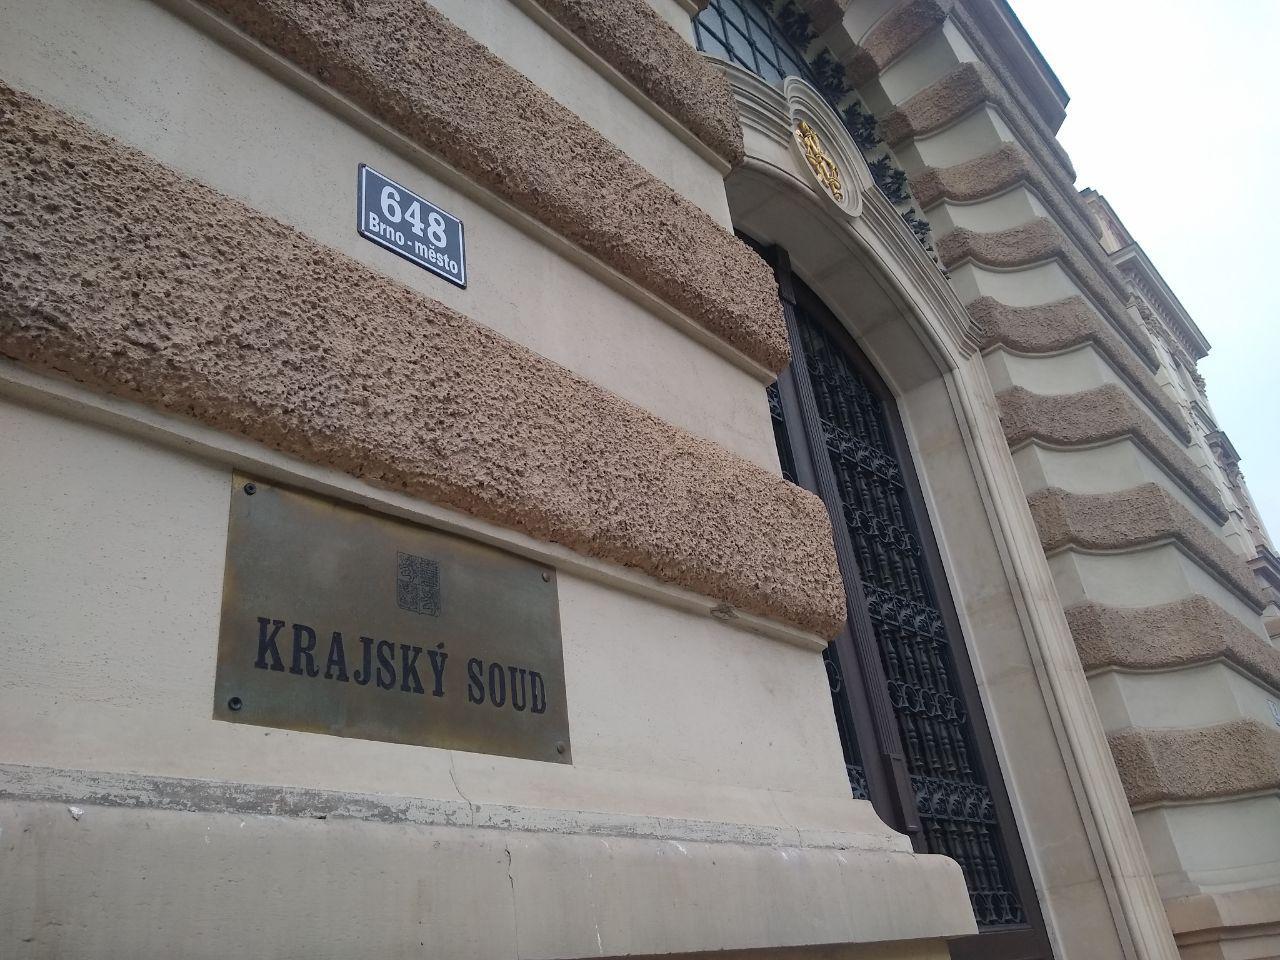 Případ projednával Krajský soud v Brně. Foto: Sára Jeschkeová